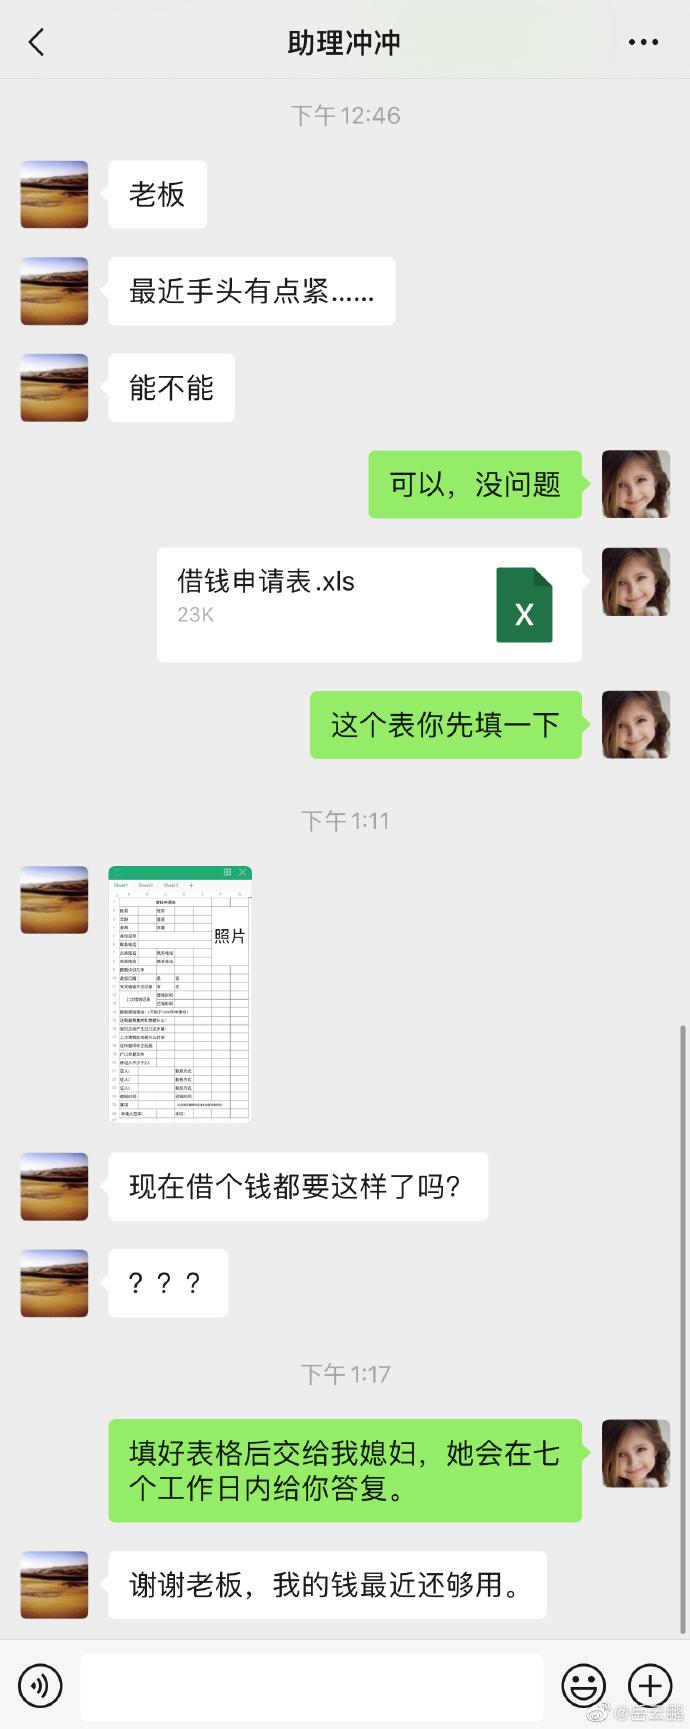 岳云鹏《乞贷申请表》曝光 要求对方填写乞贷理由 第1张